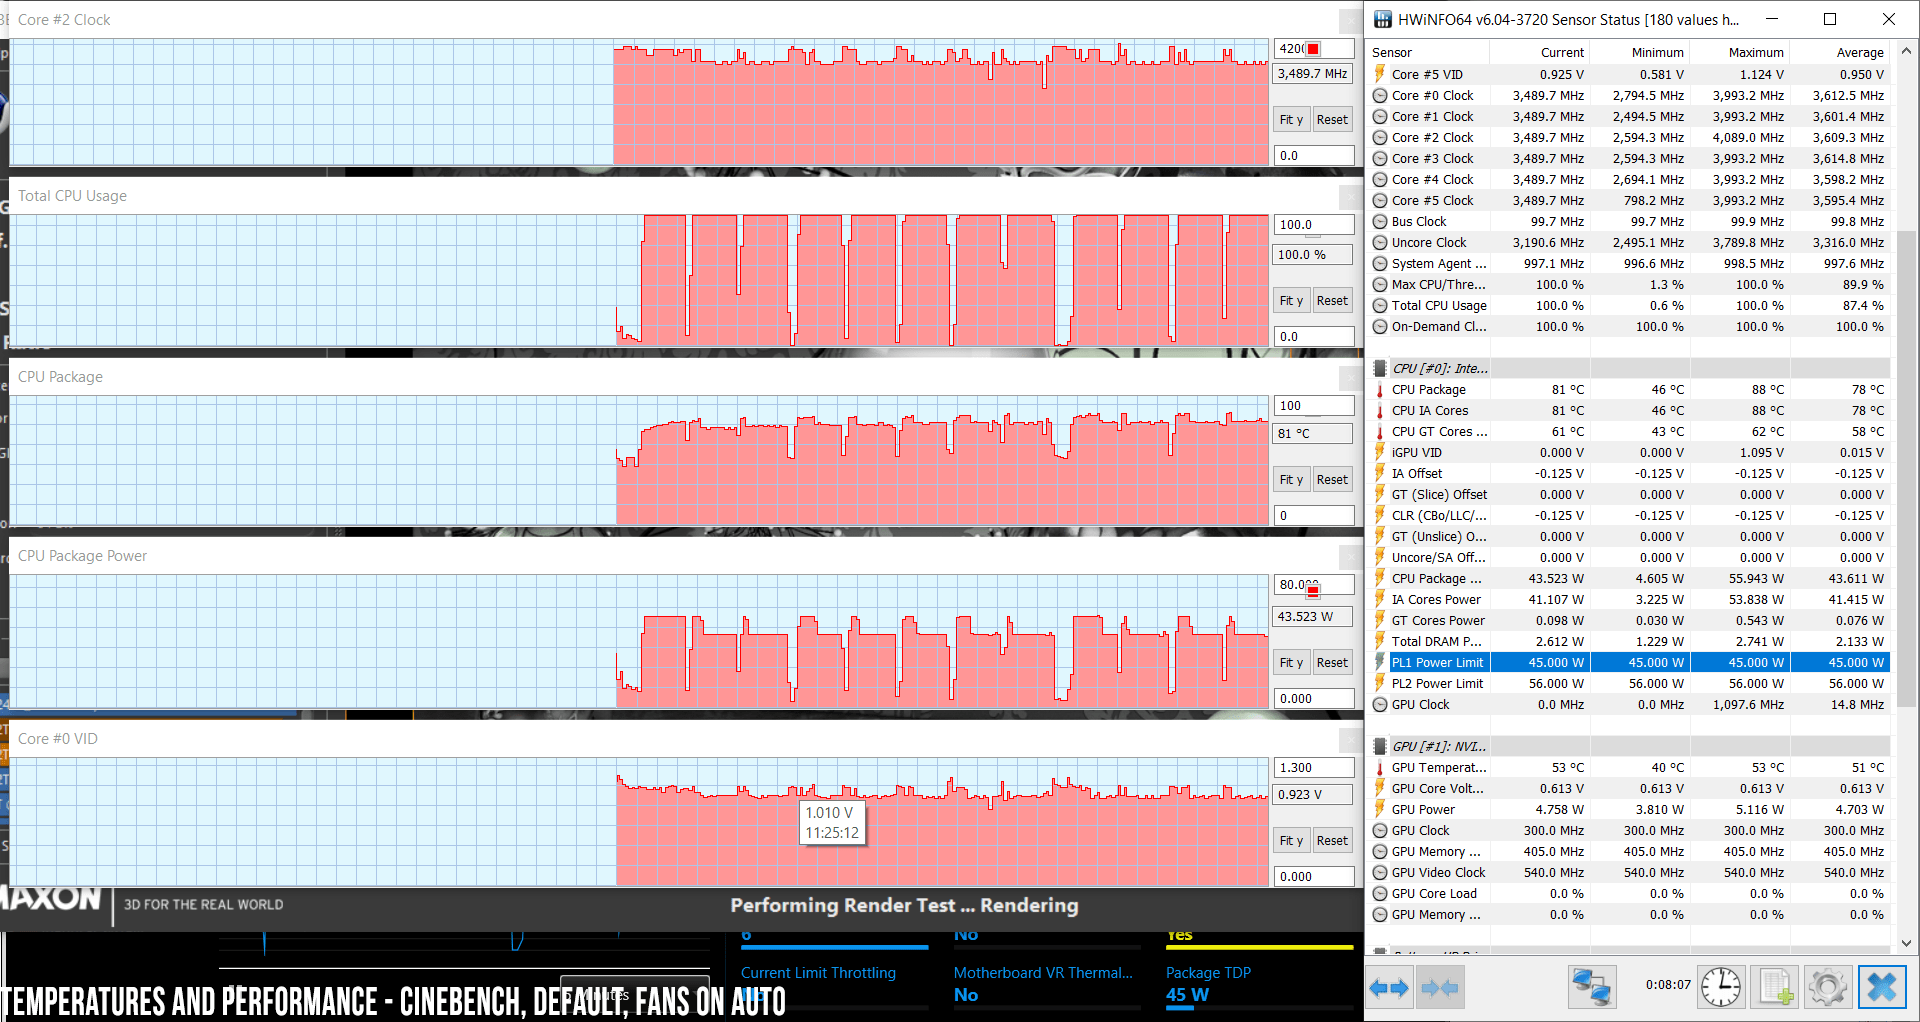 Acer Predator Helios 300 review (15-inch PH315-52 2019 model - Phoneweek